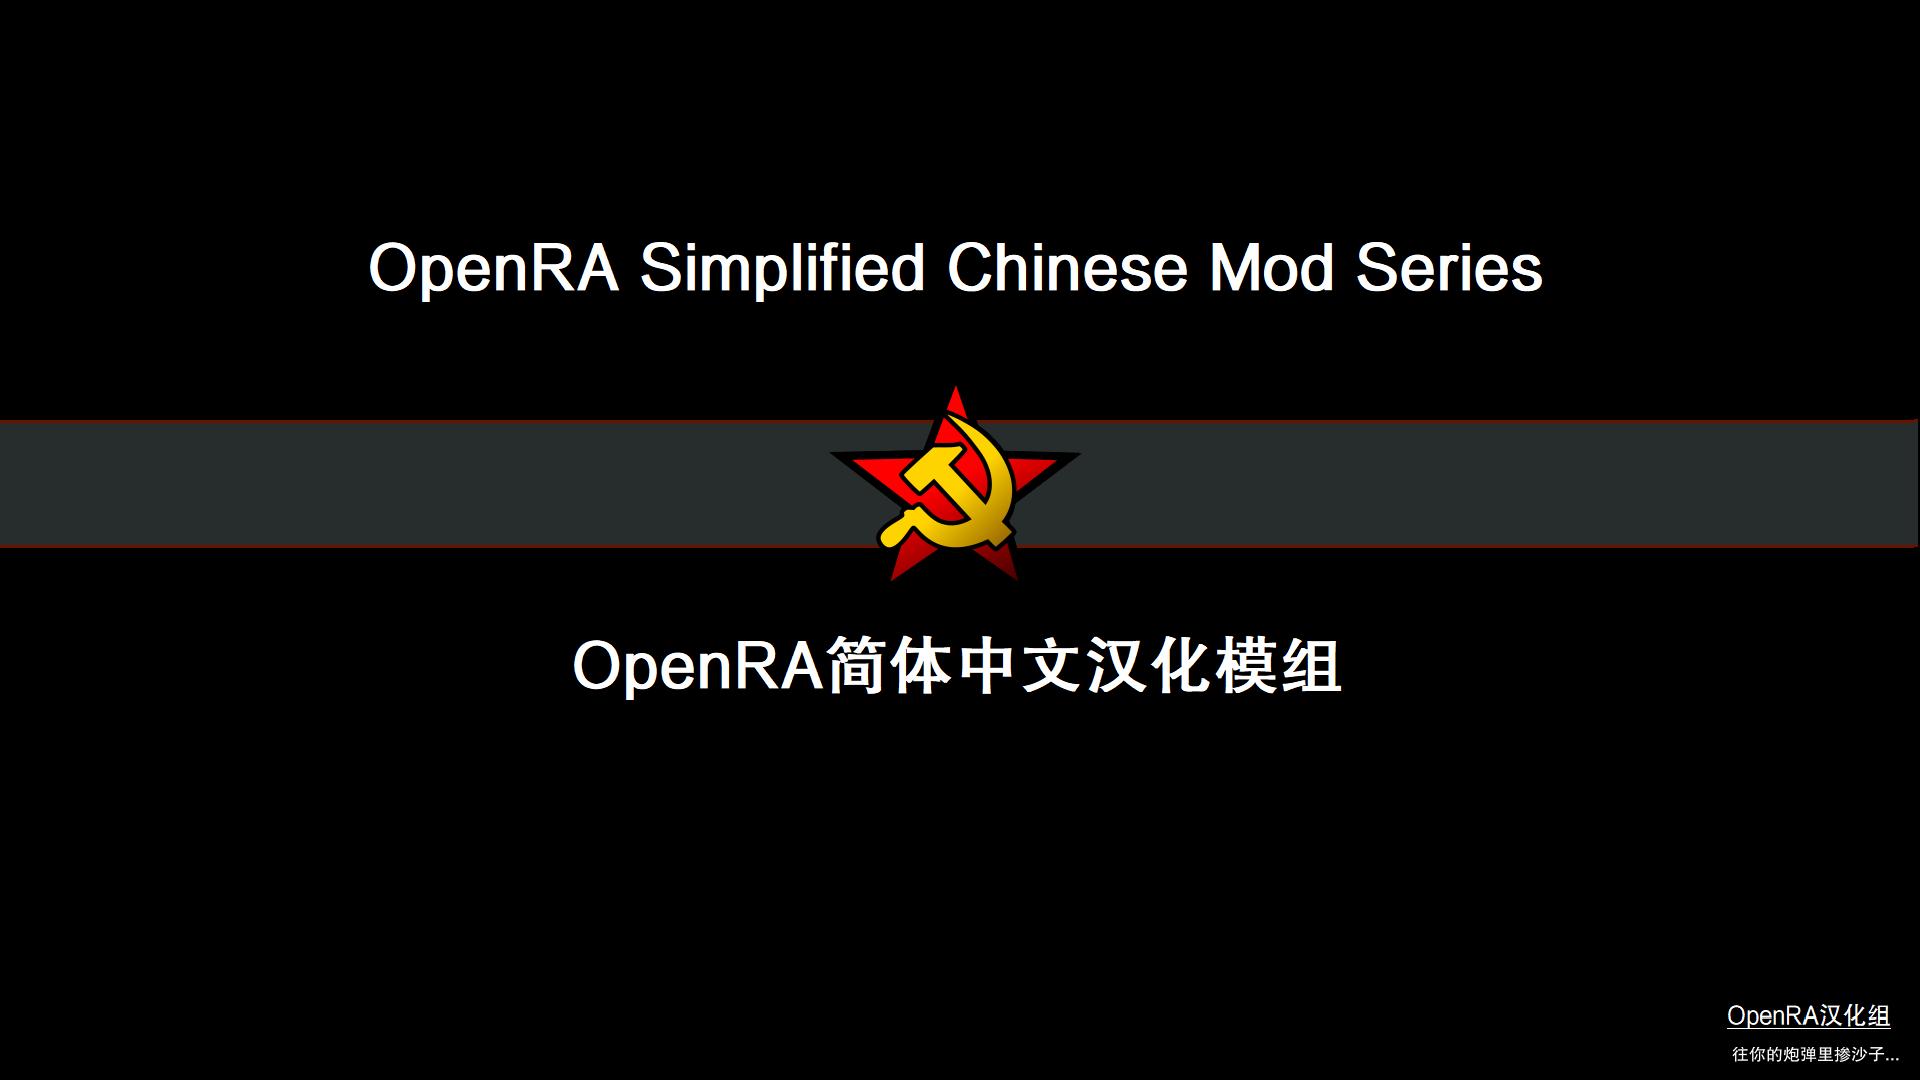 OpenRA RASC